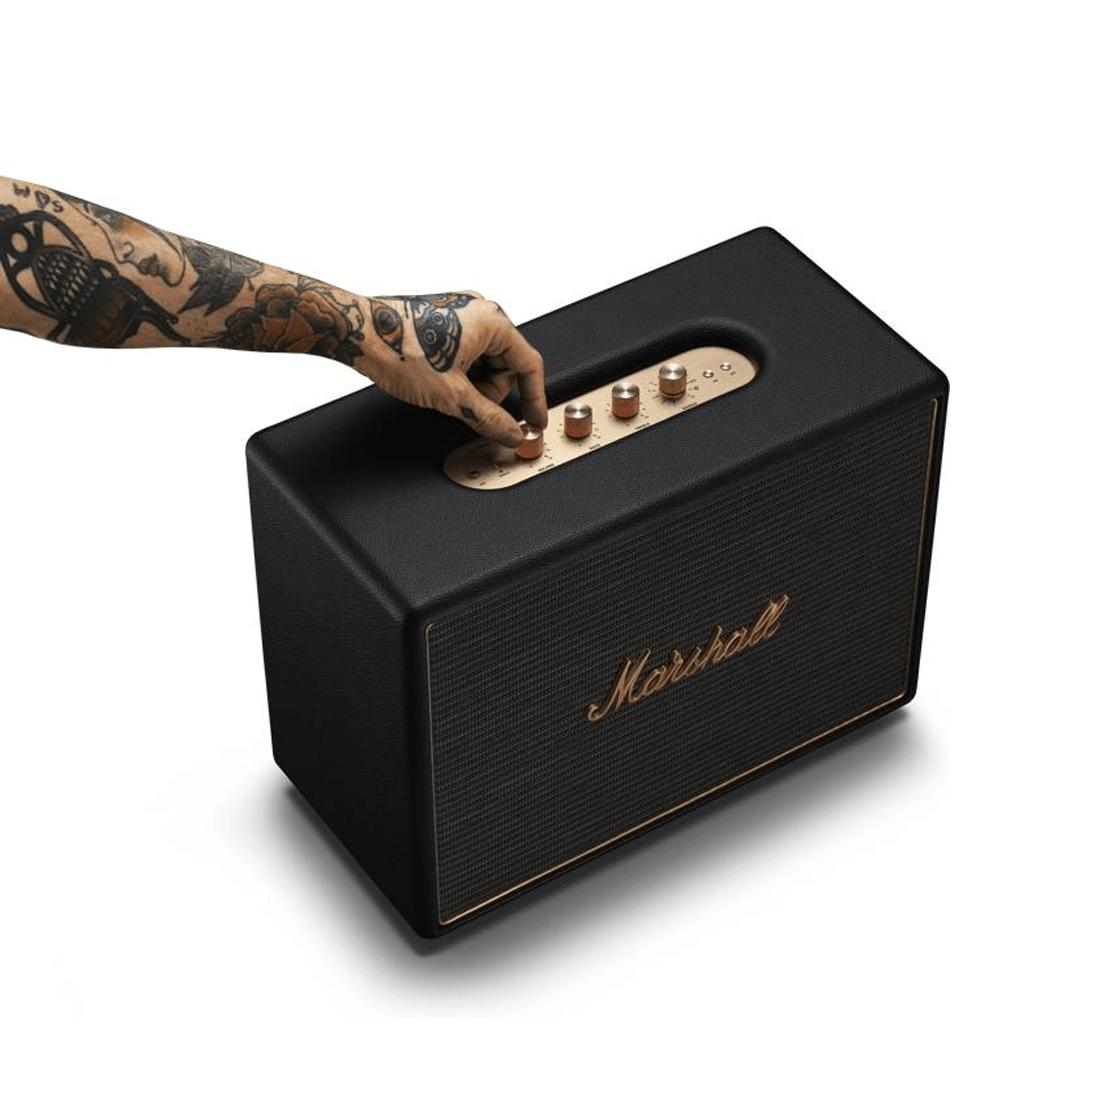 Marshall Woburn Multi-Room Wireless Speaker